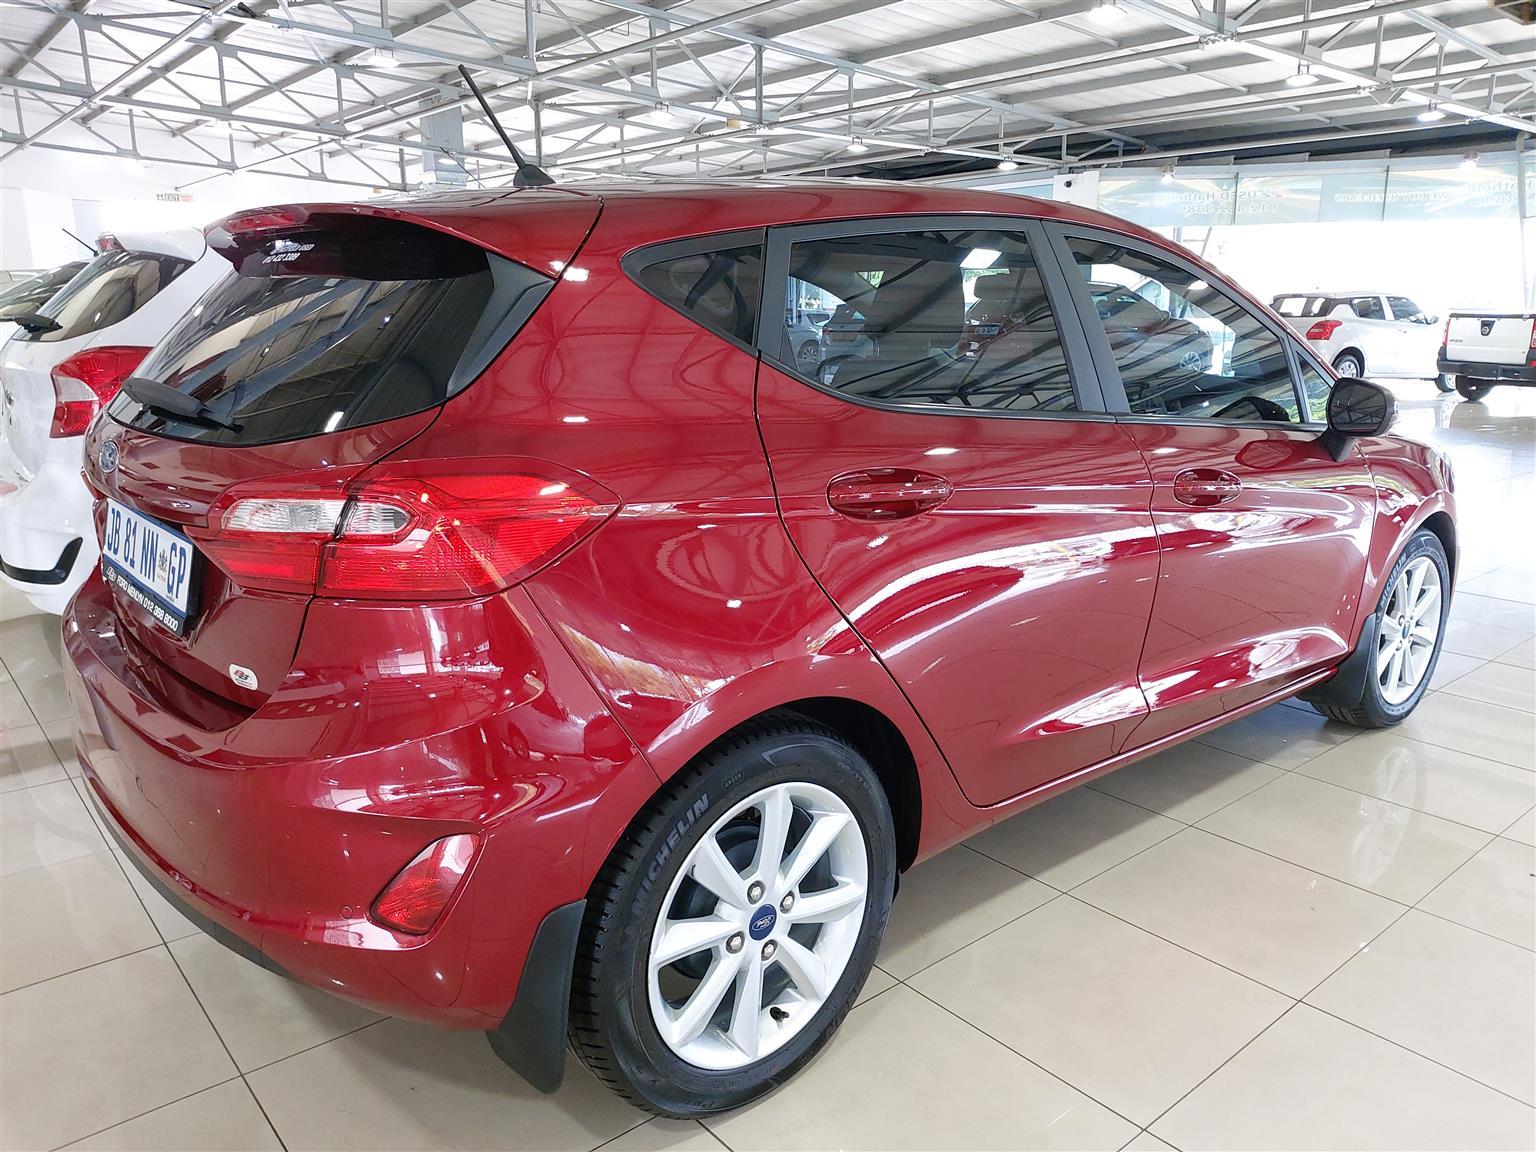 2019 Ford Fiesta 5 door 1.5TDCi Trend